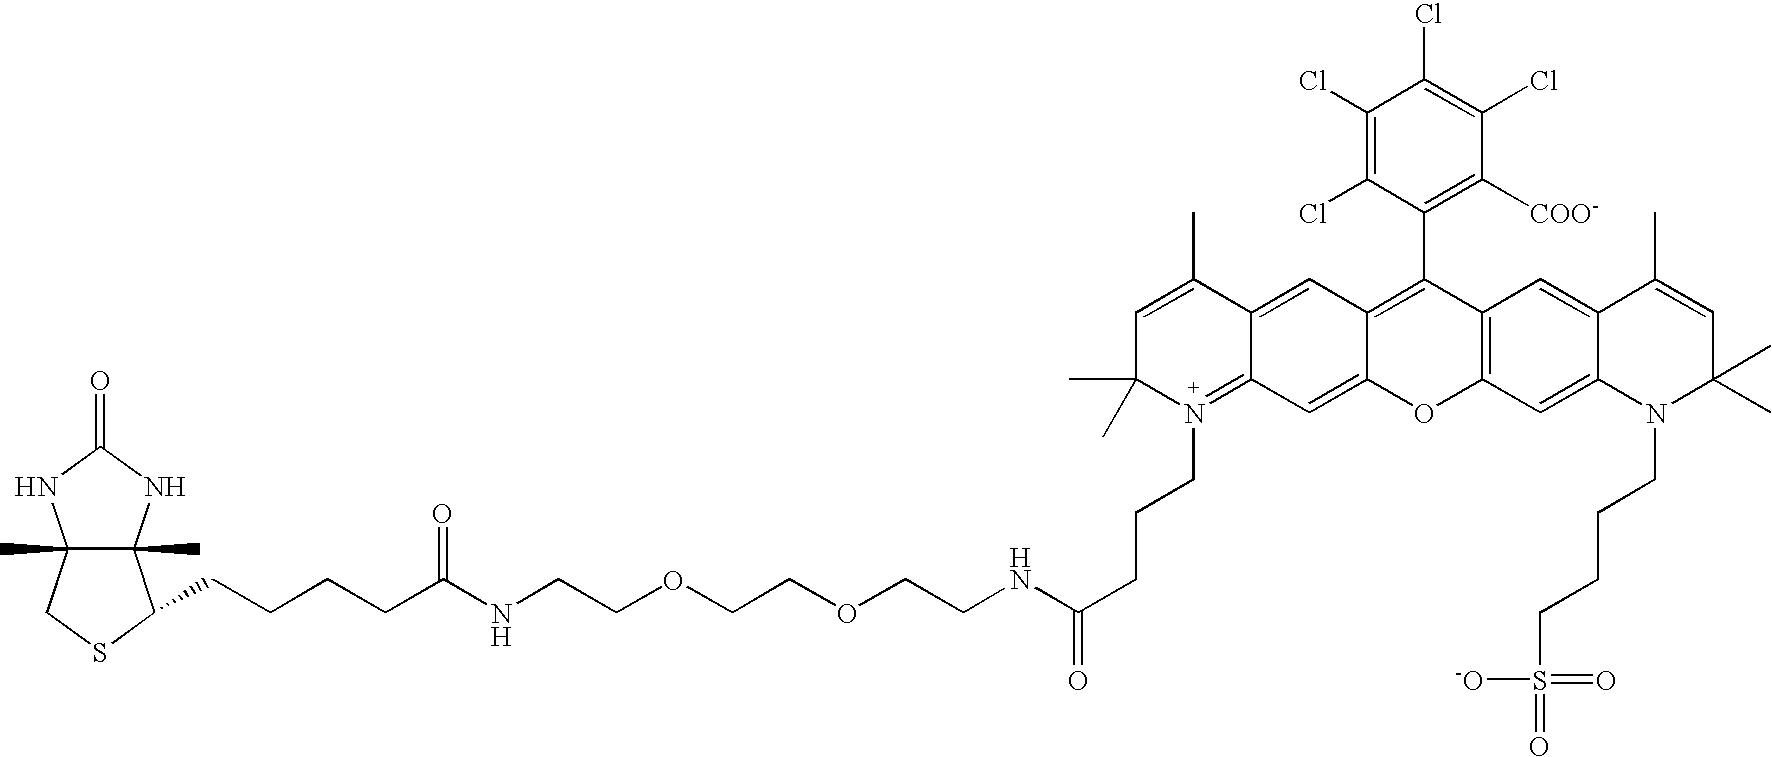 Figure US06908769-20050621-C00005